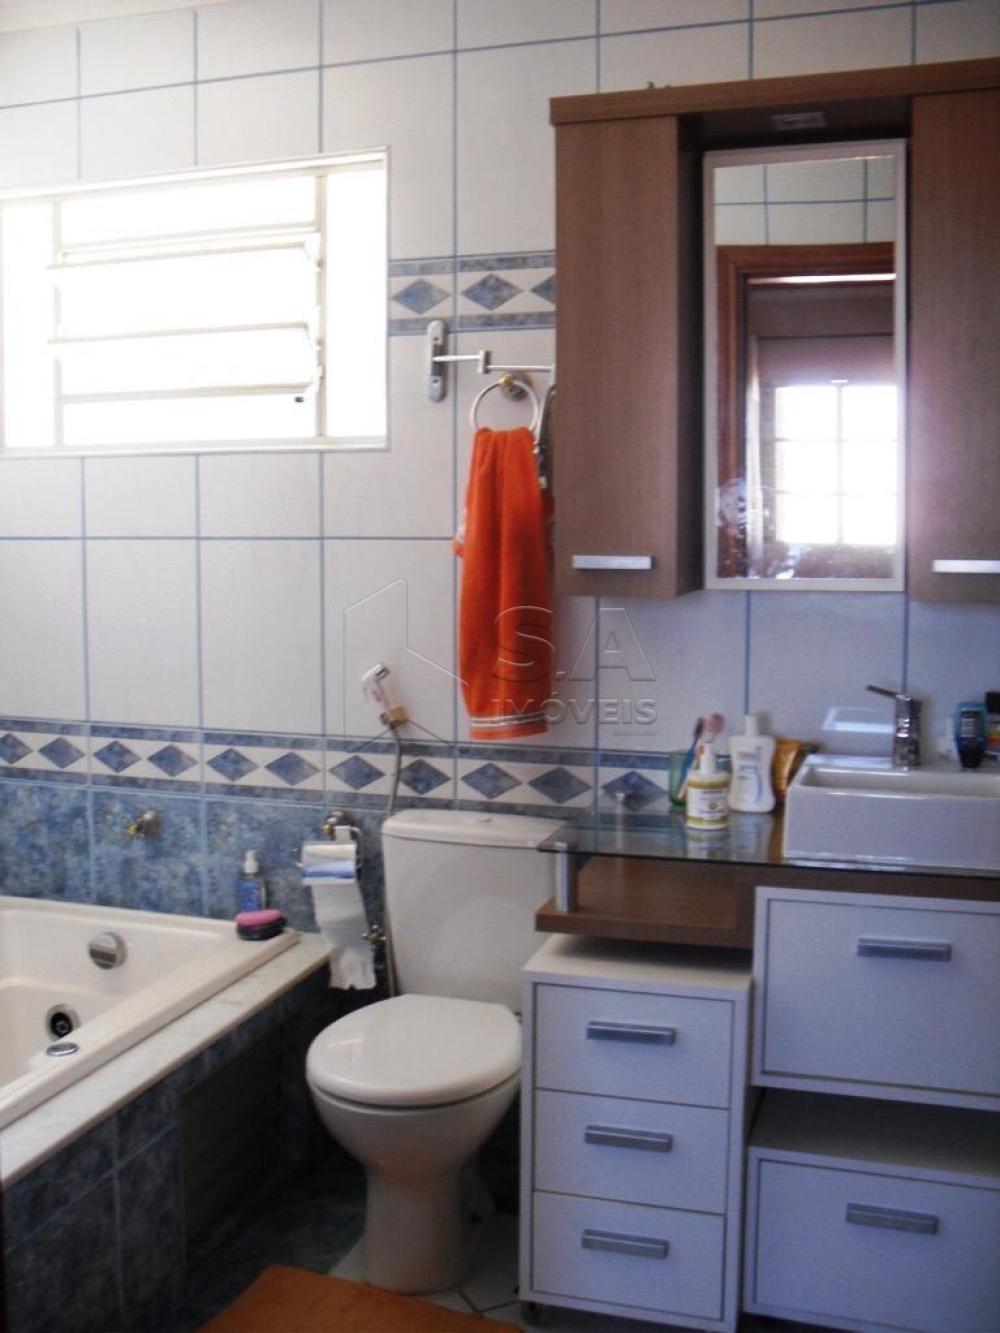 Comprar Casa / Padrão em Botucatu apenas R$ 460.000,00 - Foto 16